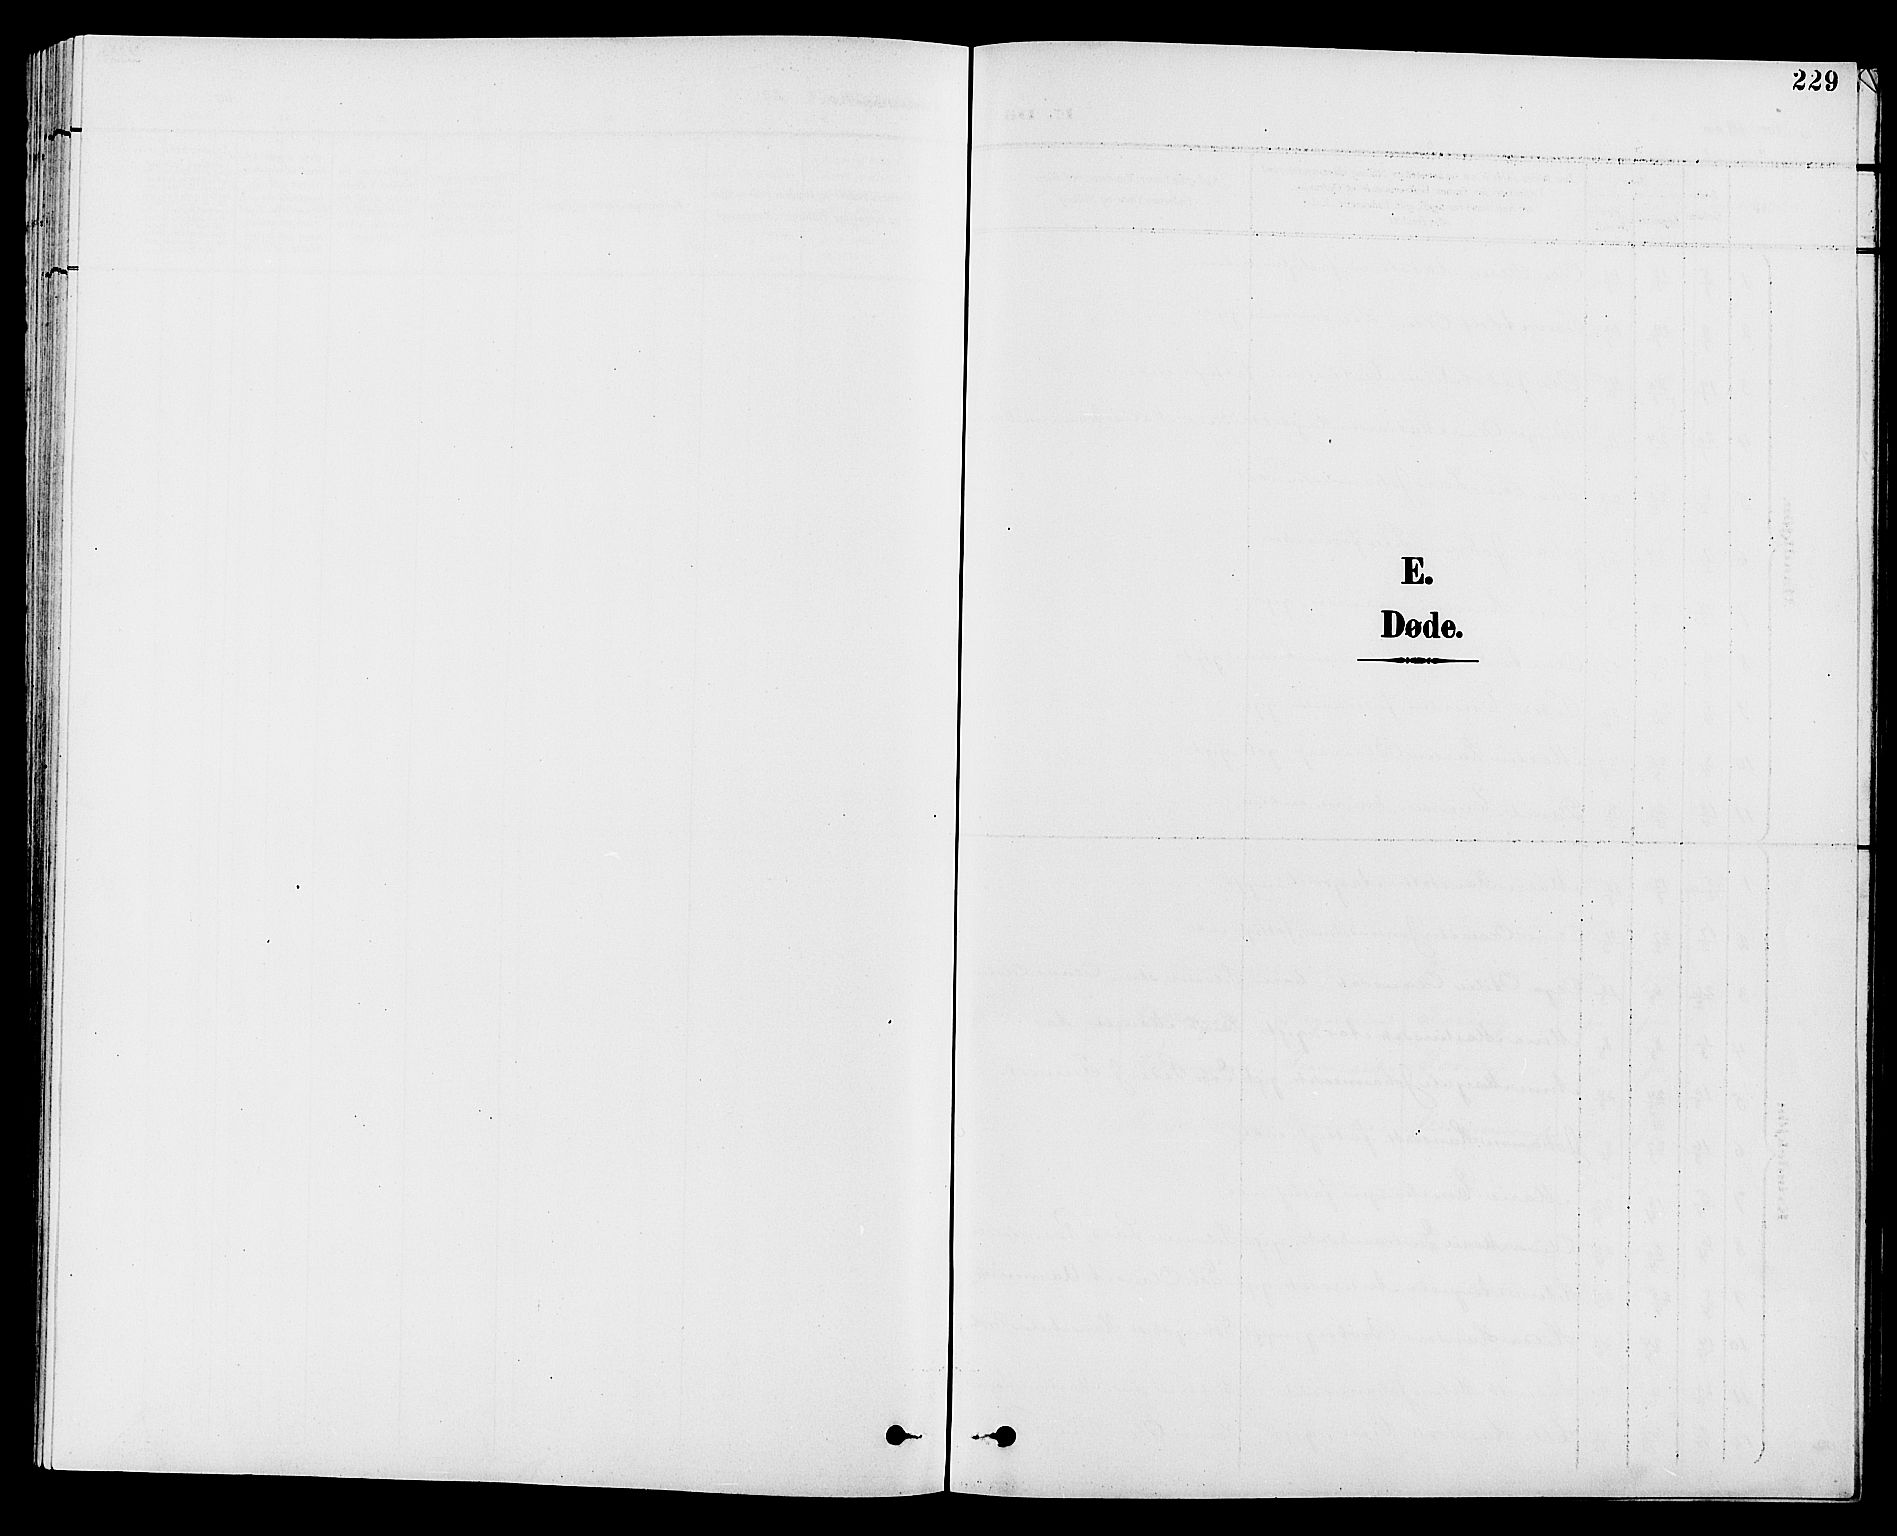 SAH, Vestre Toten prestekontor, H/Ha/Hab/L0010: Klokkerbok nr. 10, 1900-1912, s. 229